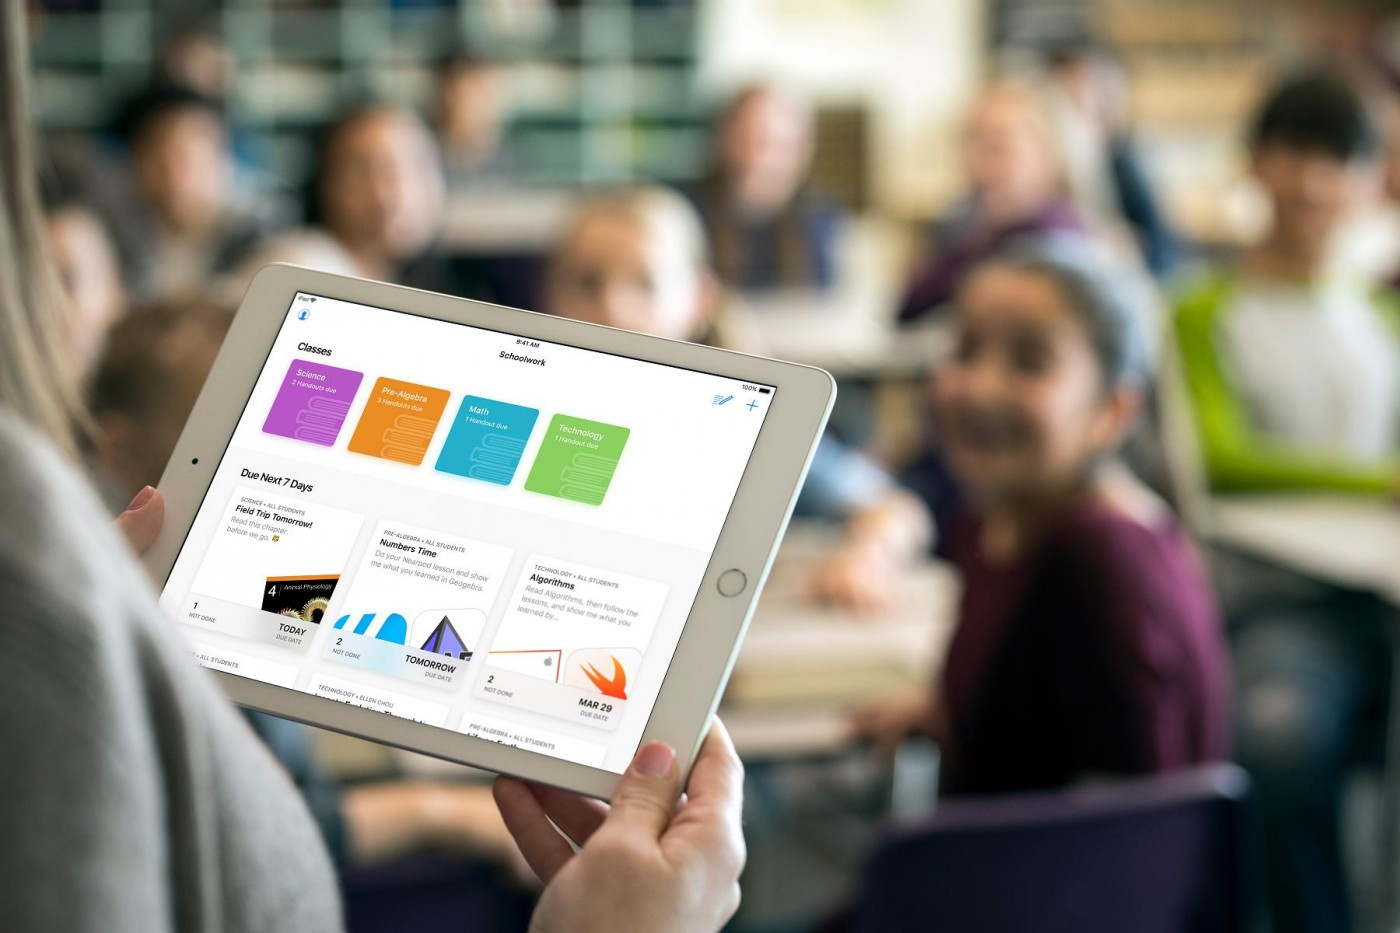 在偏鄉教學4年的老師,如何用一台「iPad」取代黑板?